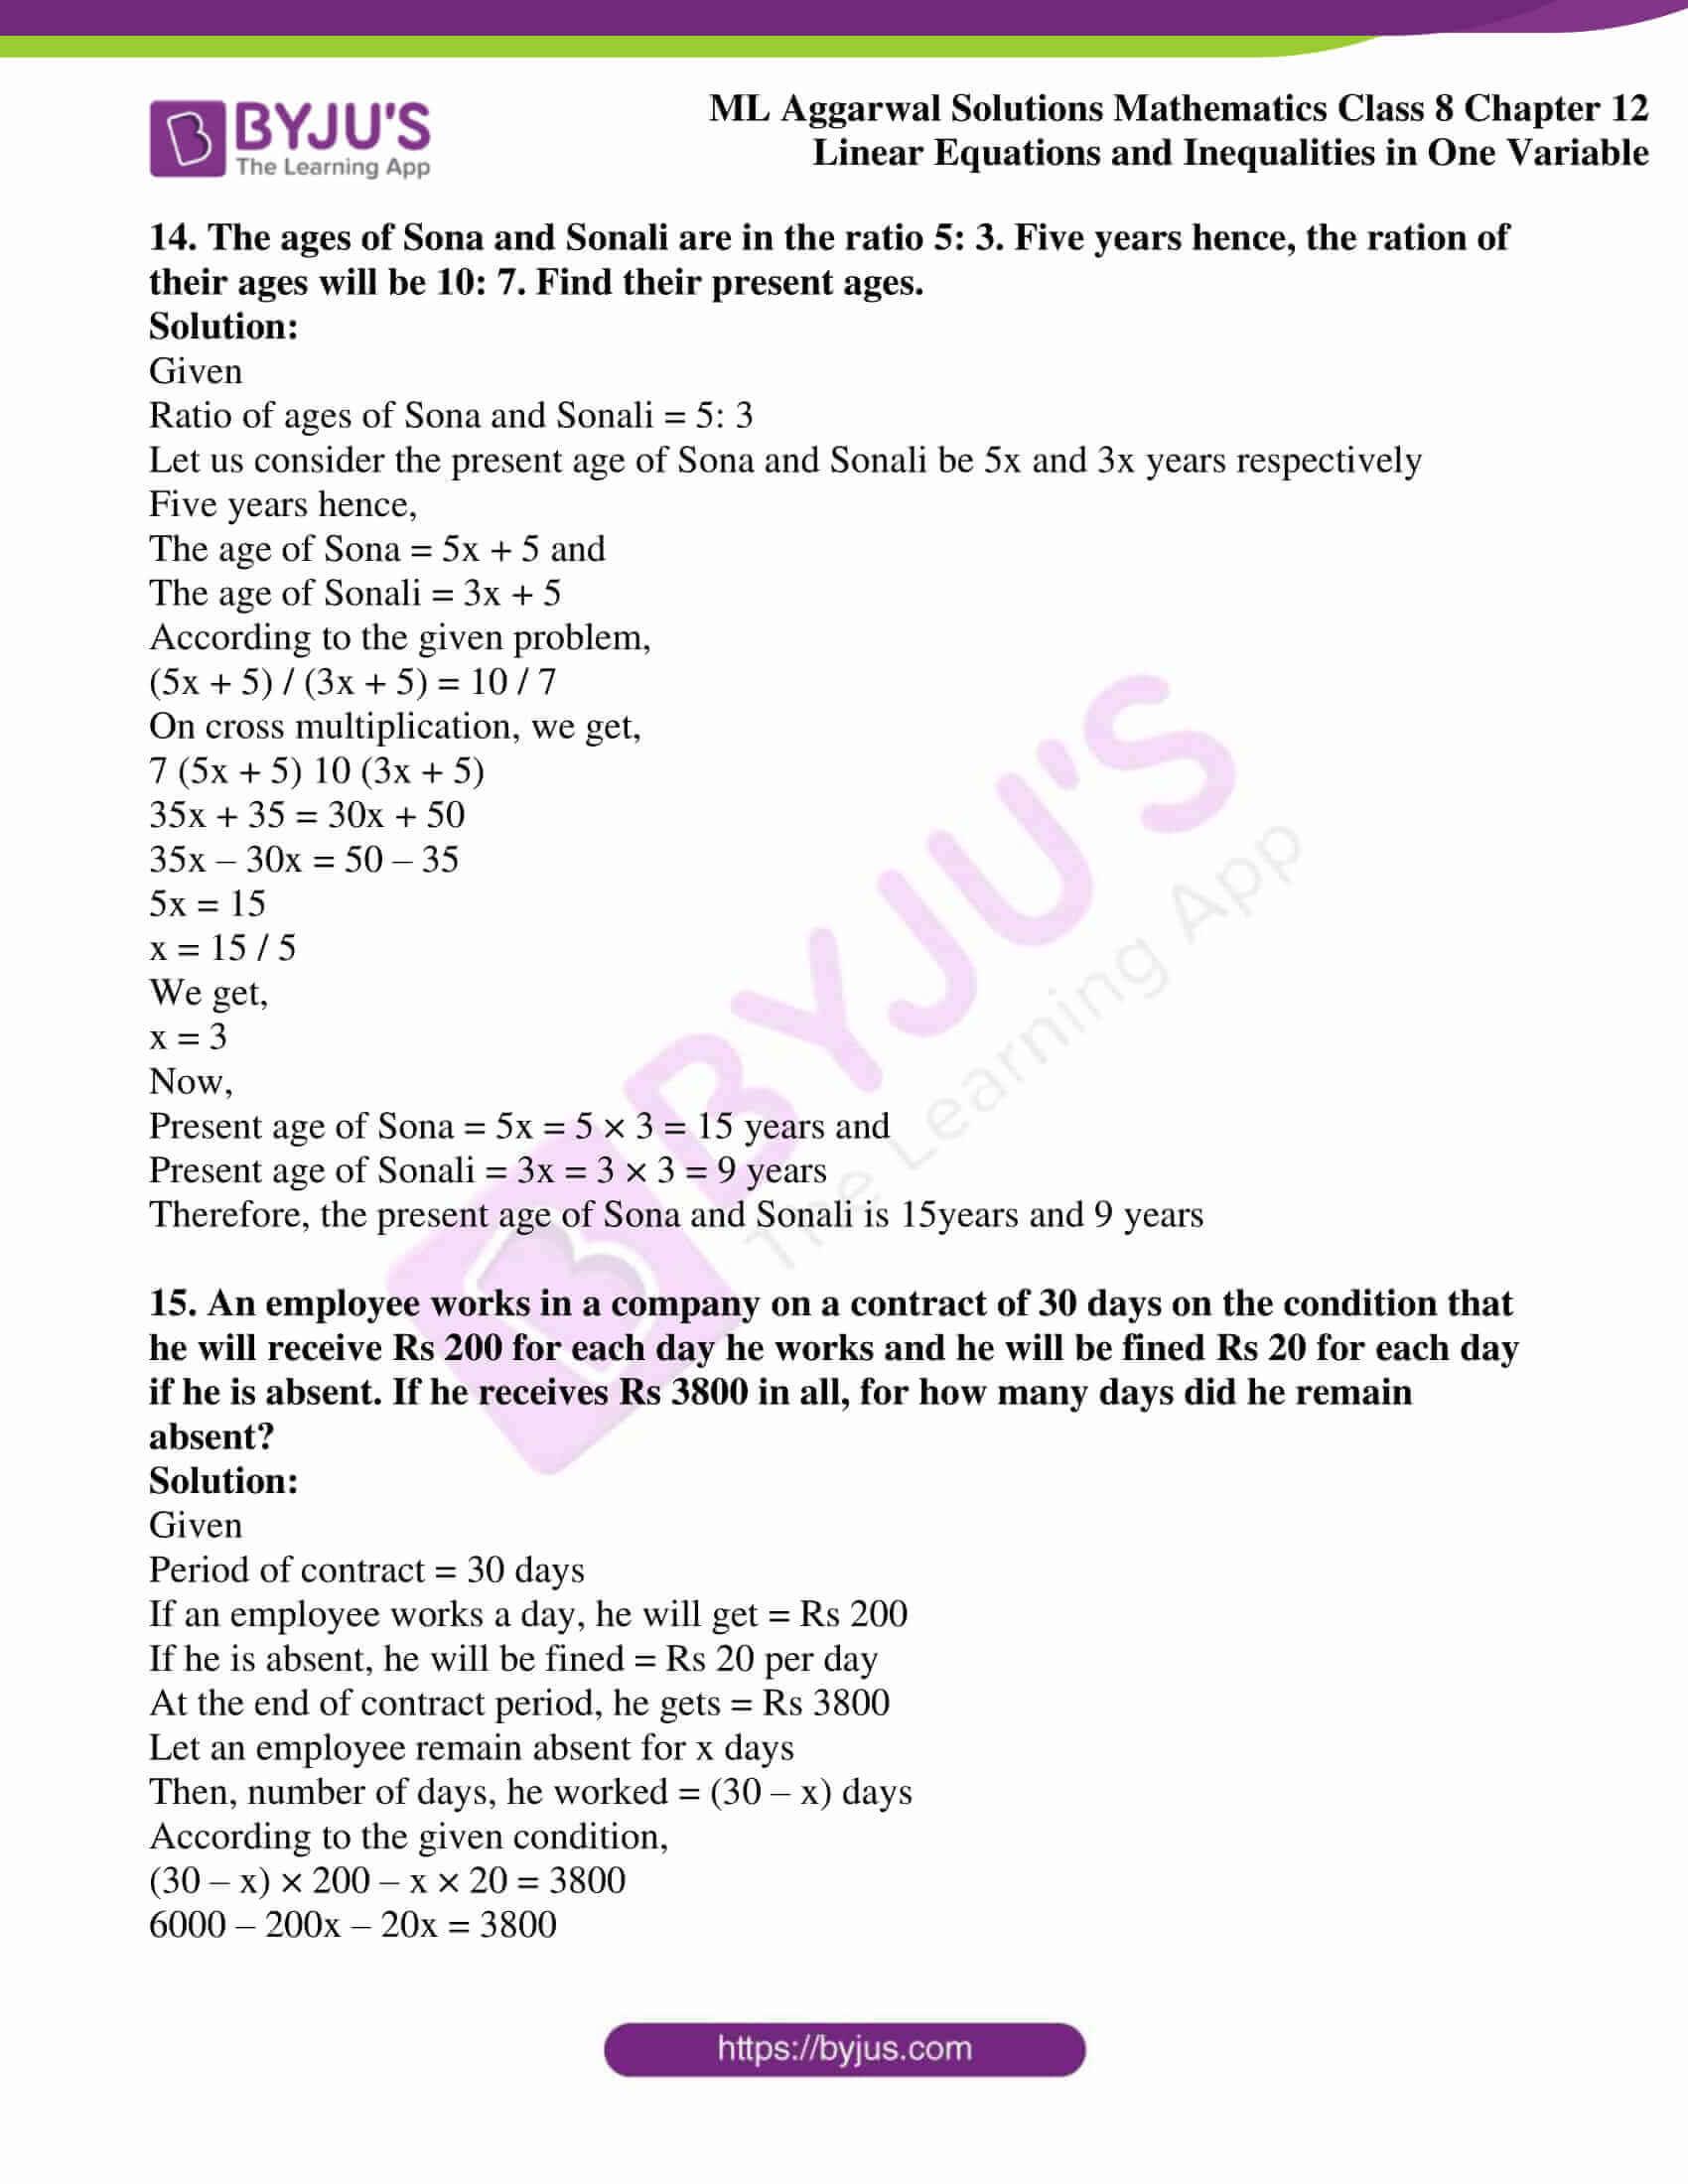 ml aggarwal sol mathematics class 8 ch 12 17